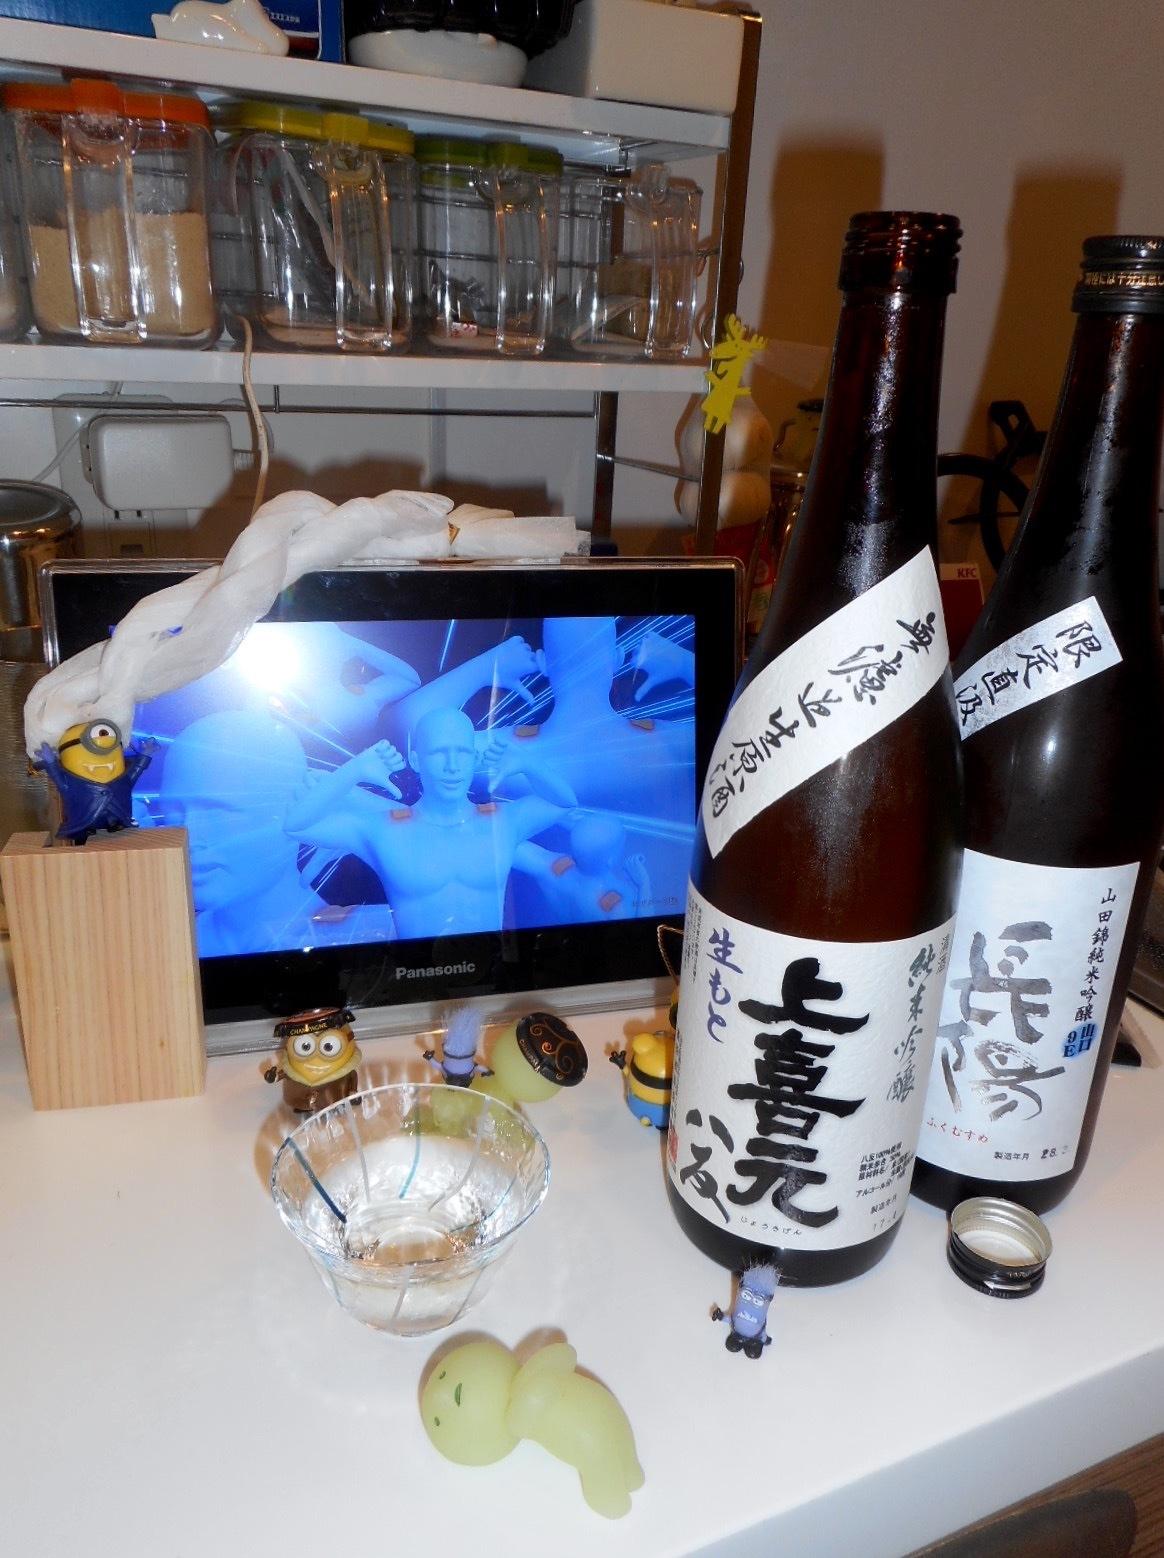 joukigen_kimoto_hattan28by6.jpg